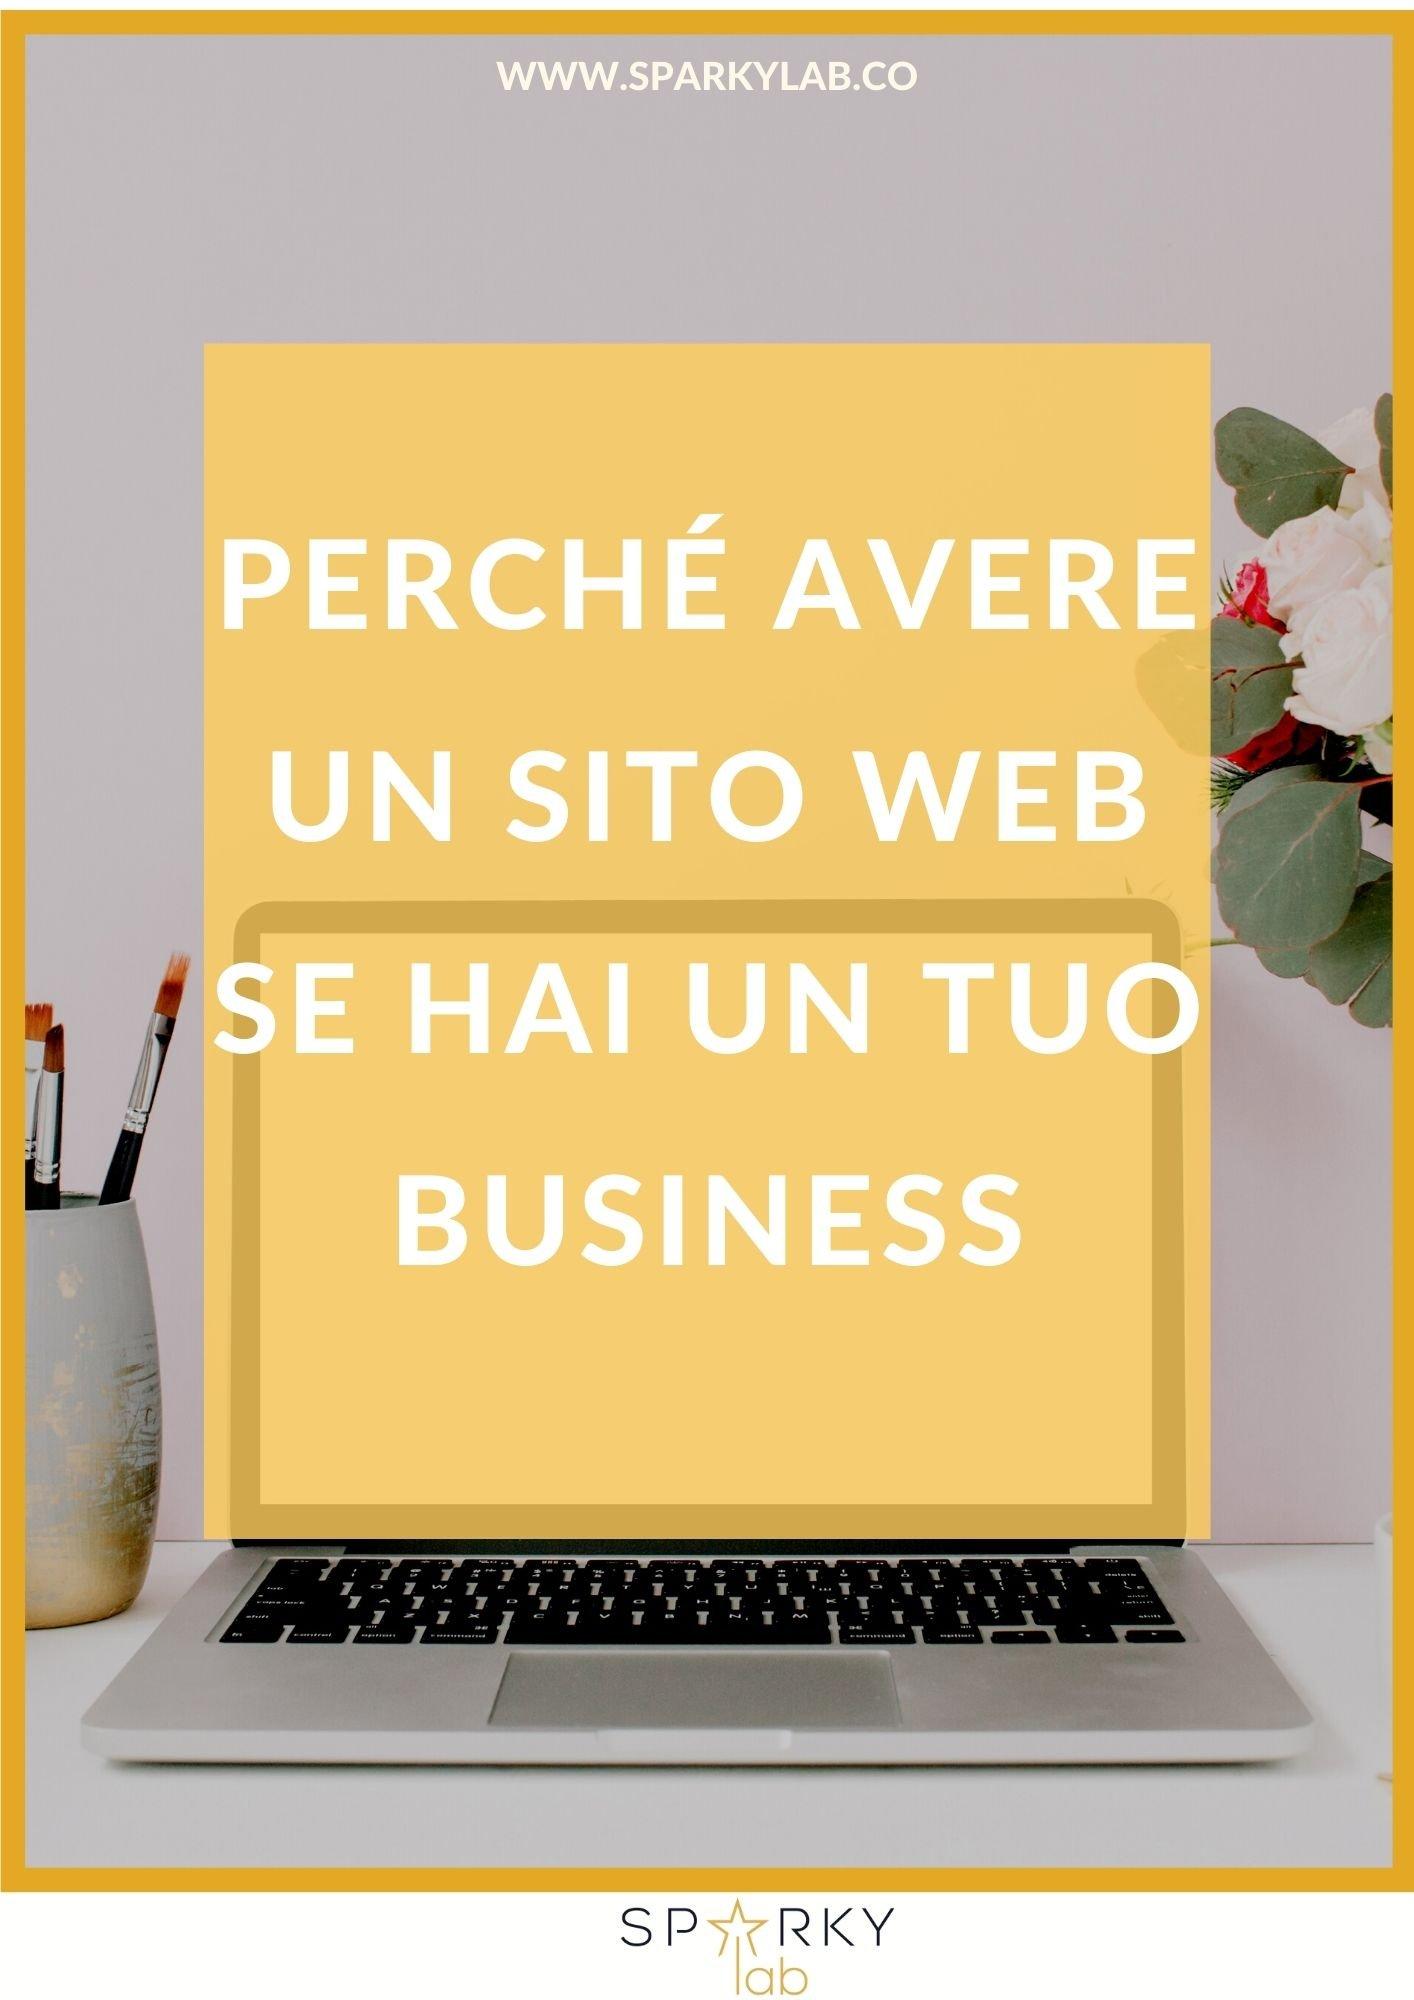 Immagine in evidenza: Perché avere un sito web se hai un tuo business